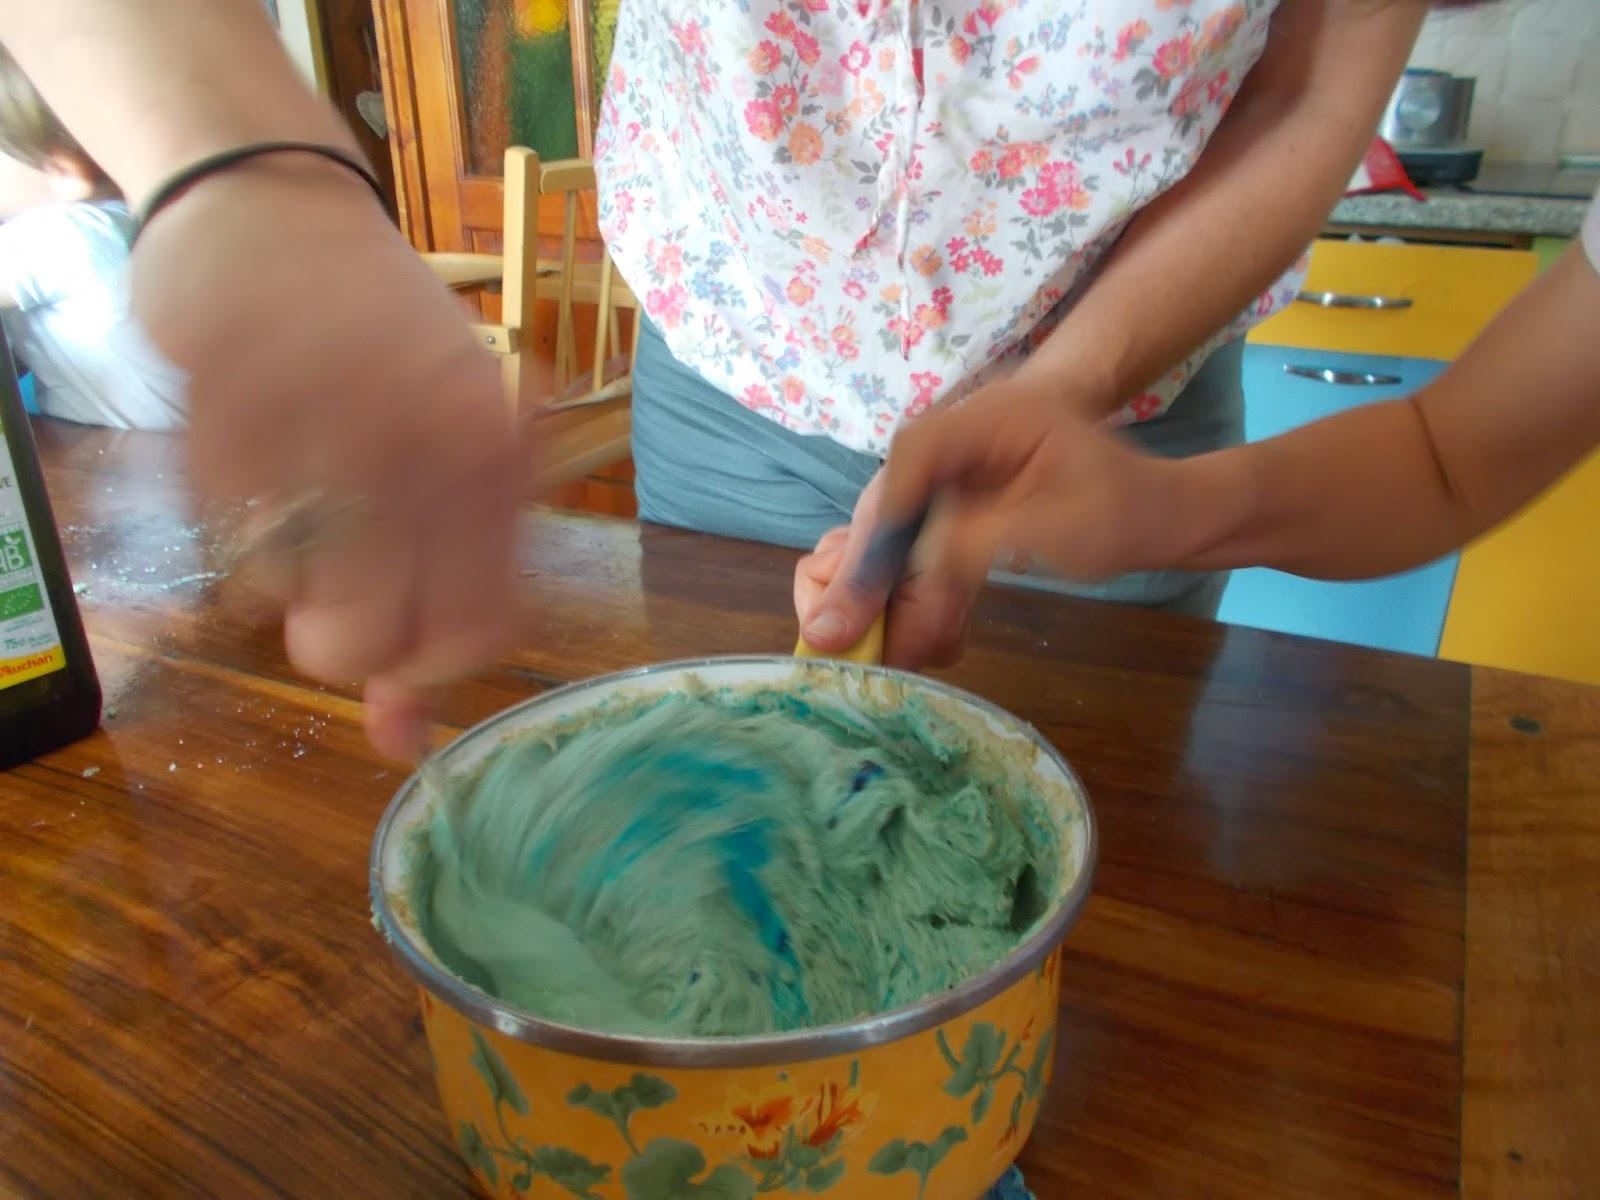 Colorer la pâte à savon avec du colorant alimentaire